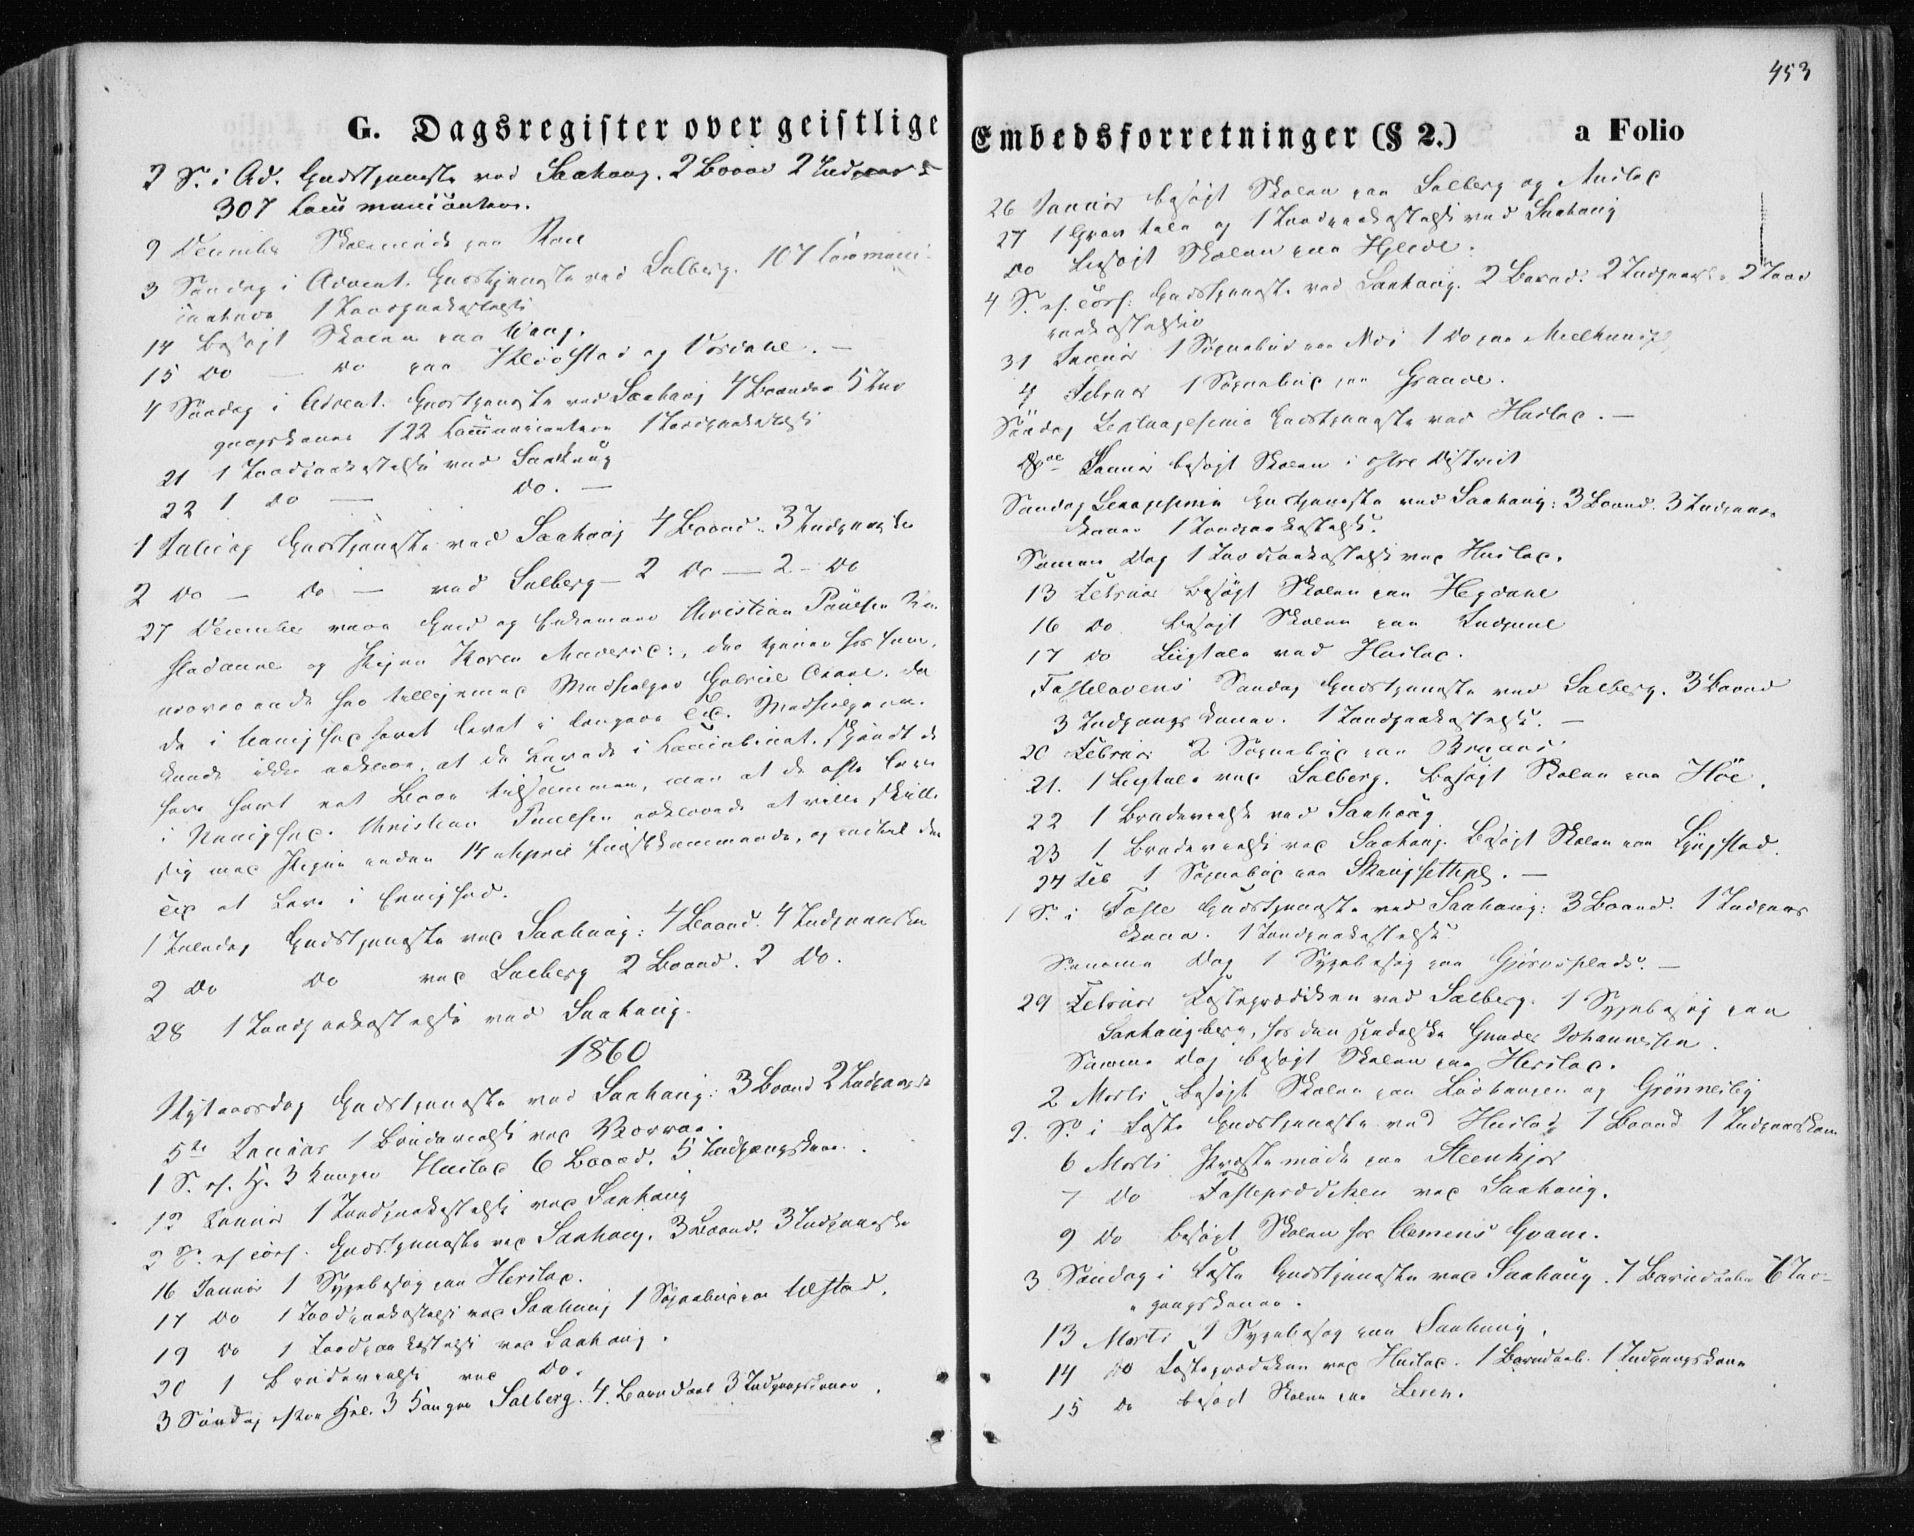 SAT, Ministerialprotokoller, klokkerbøker og fødselsregistre - Nord-Trøndelag, 730/L0283: Ministerialbok nr. 730A08, 1855-1865, s. 453